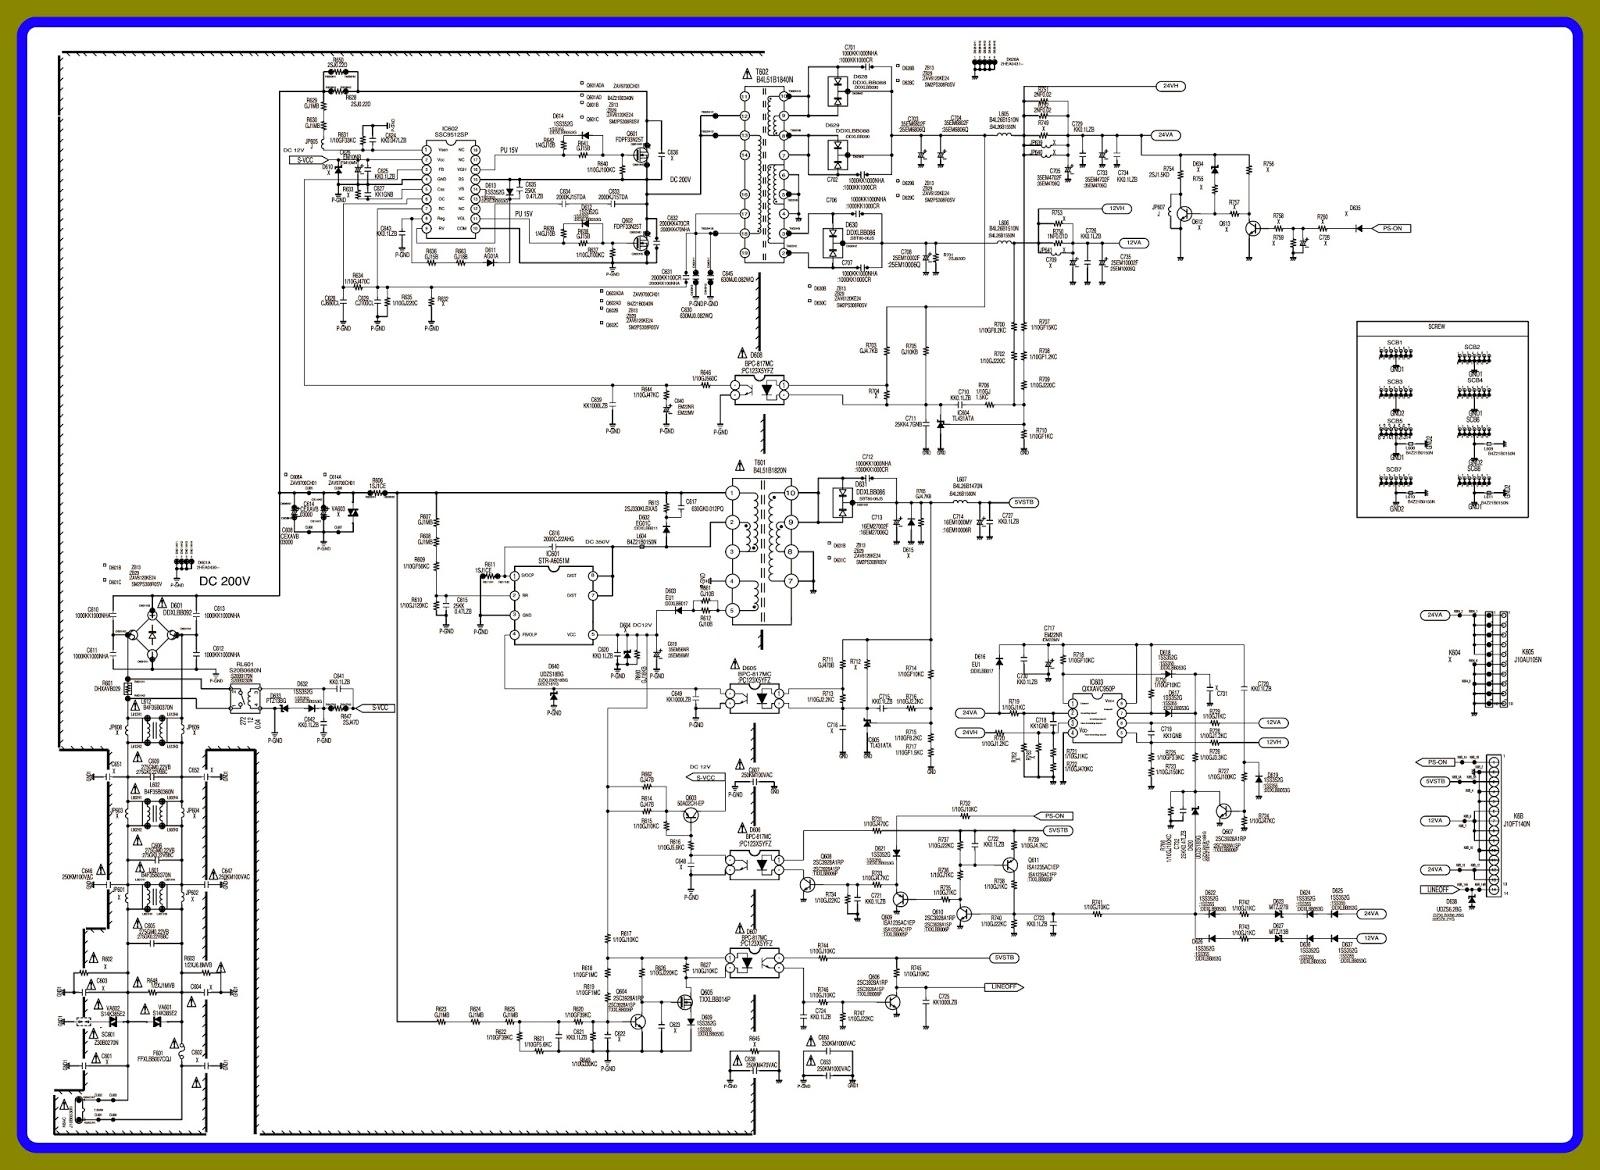 sanyo tv 46840 wiring diagram